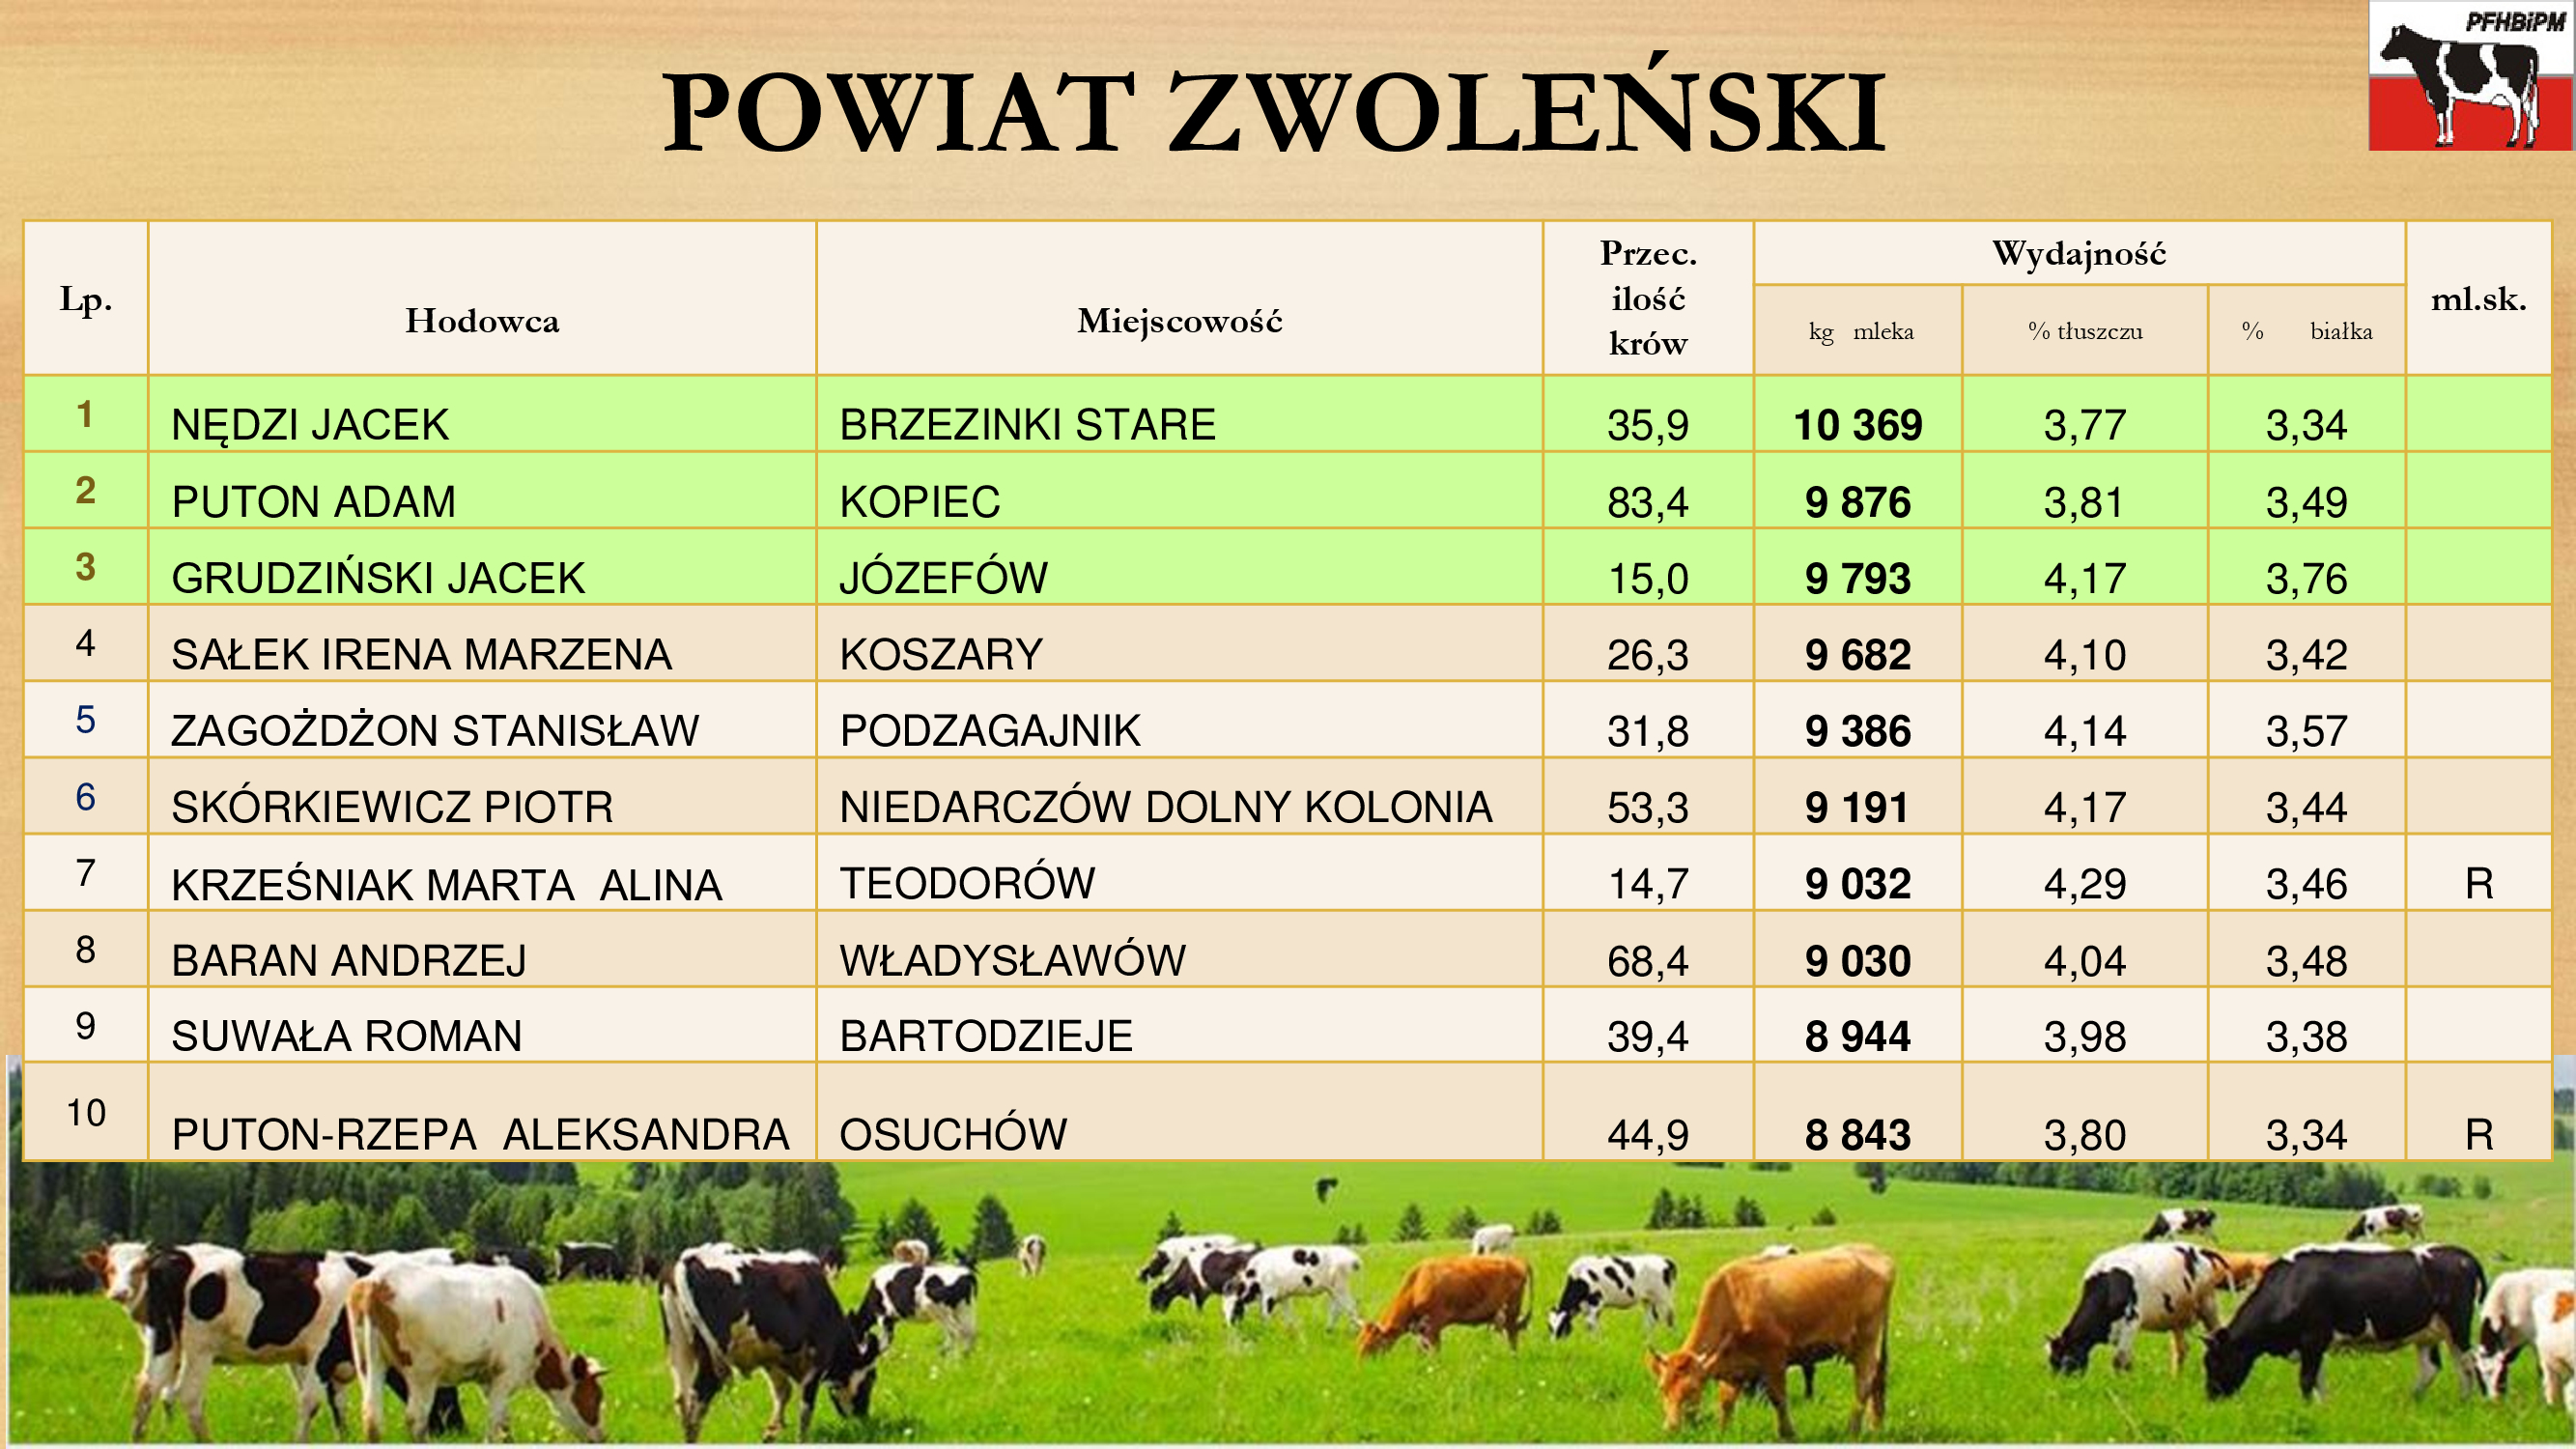 Powiat Zwoleński